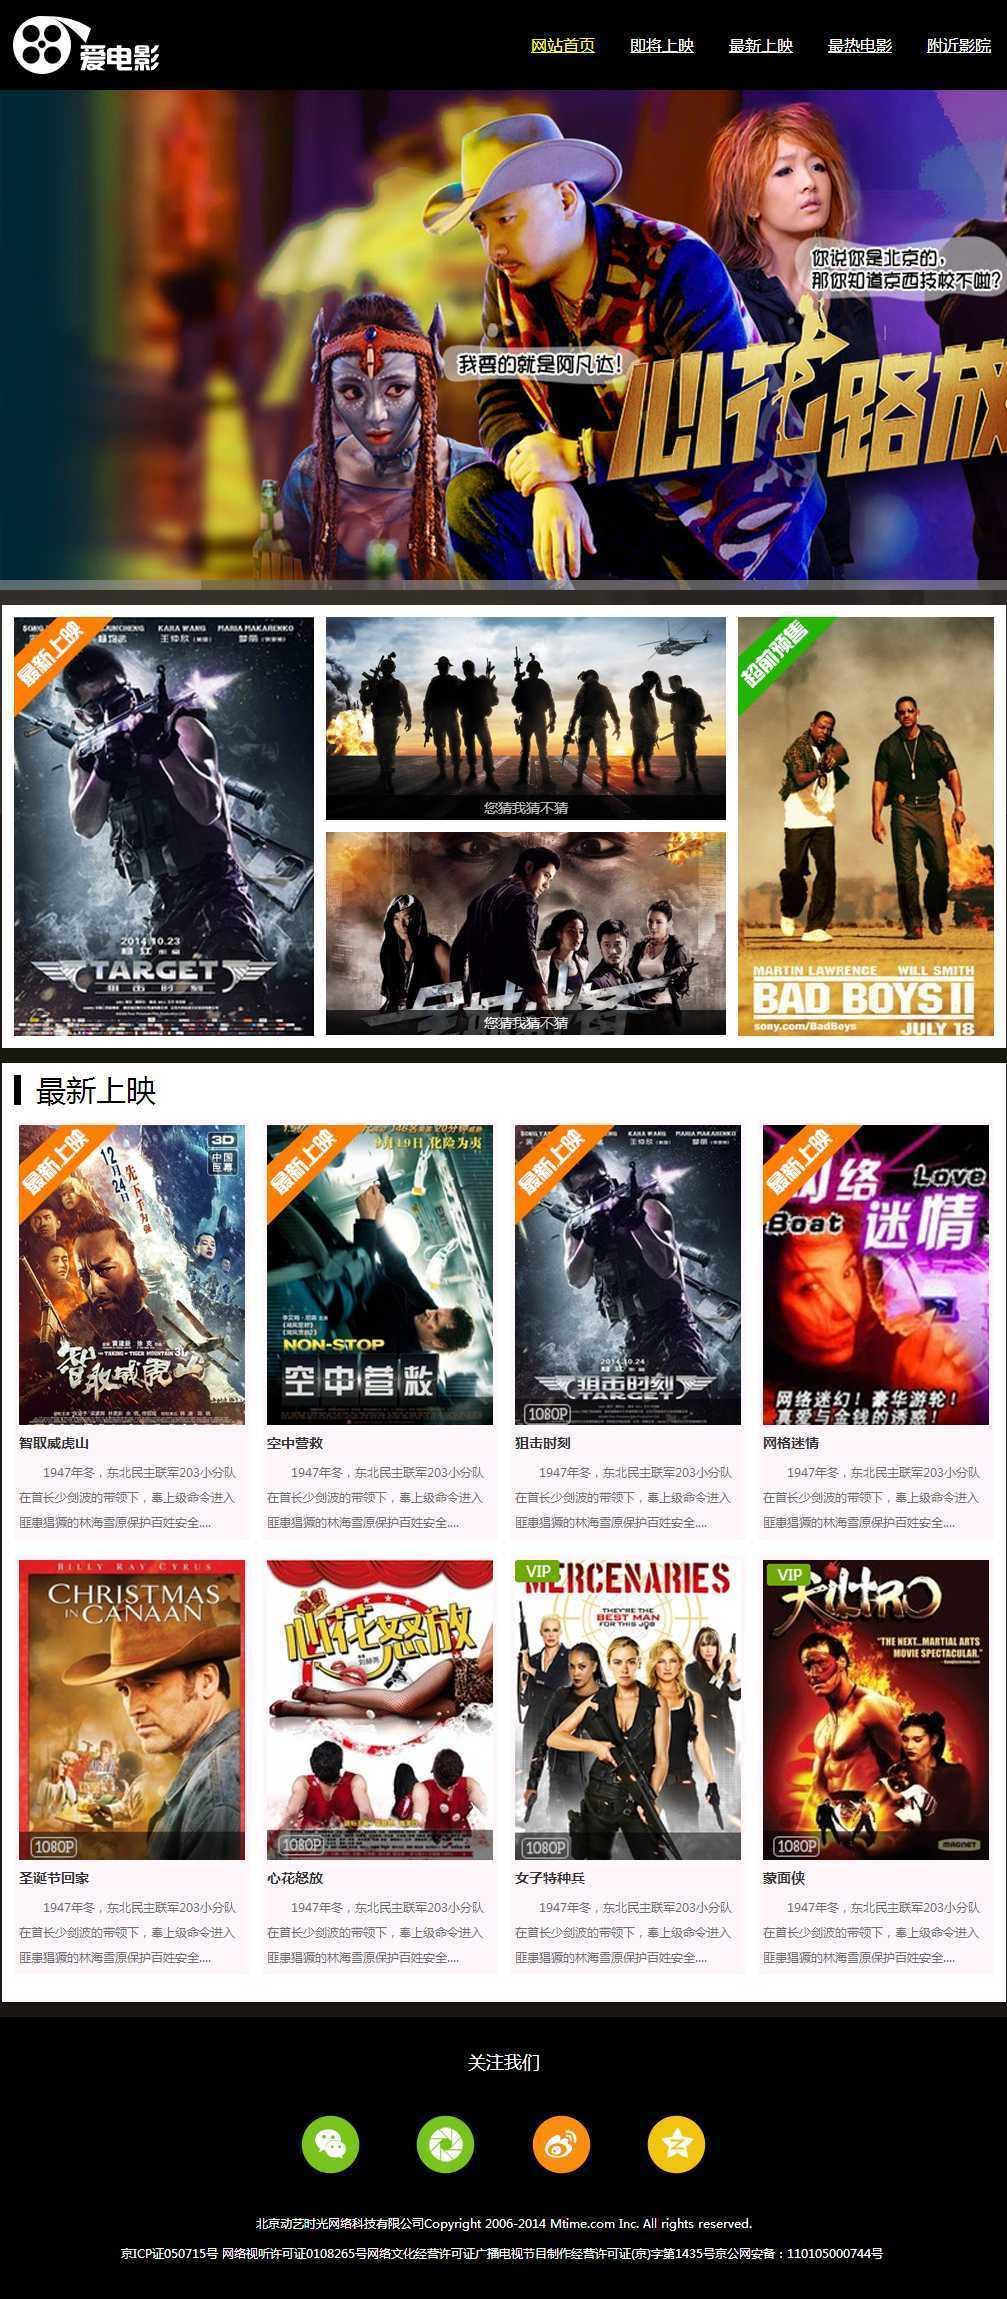 爱电影超帅电影网站带首页psd,网页静态页html切图下载